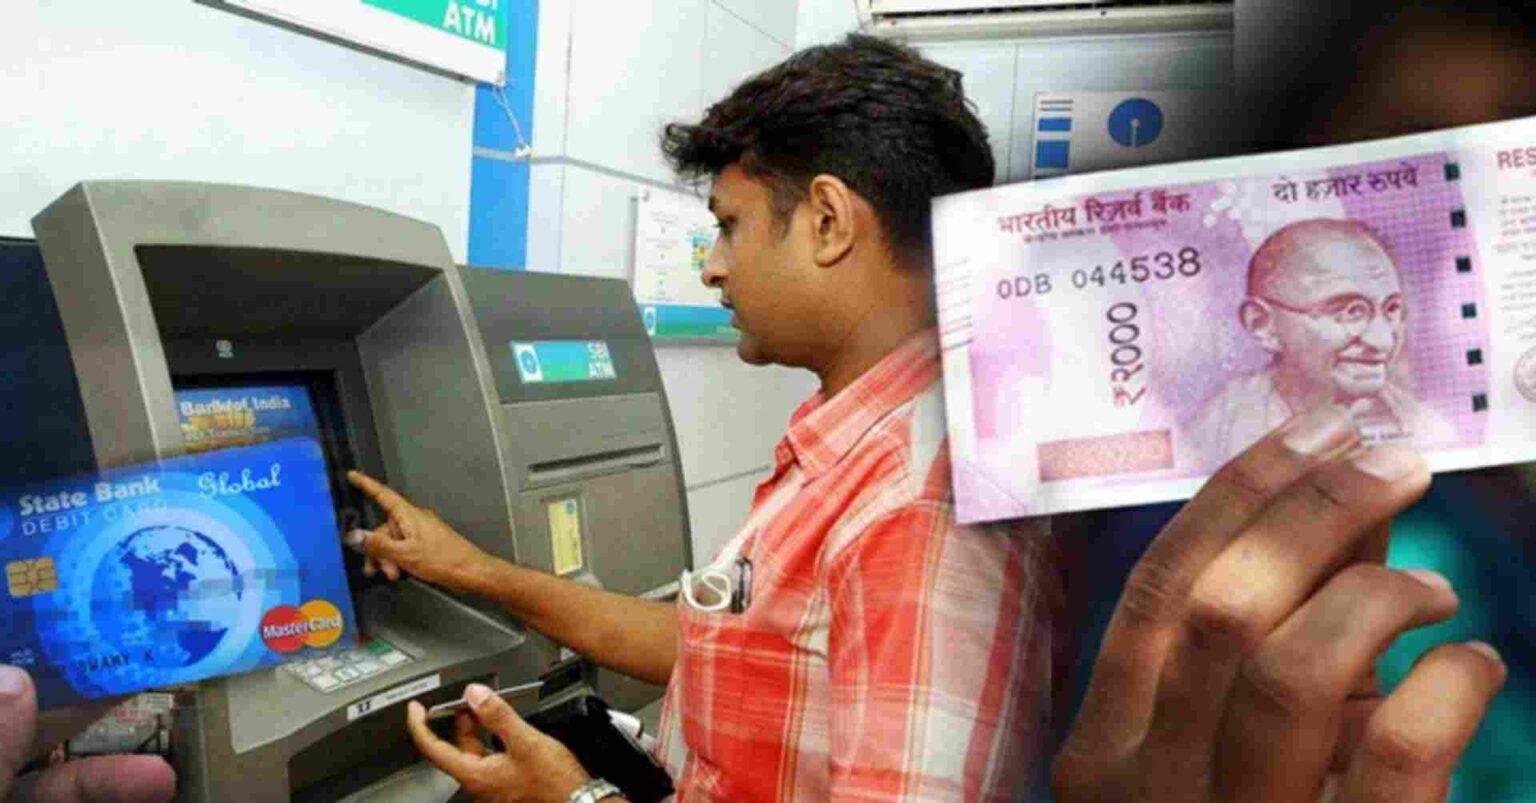 ATM থেকে পেয়েছেন ছেঁড়া নোট? বদলানোর সহজ পদ্ধতি জানাল SBI